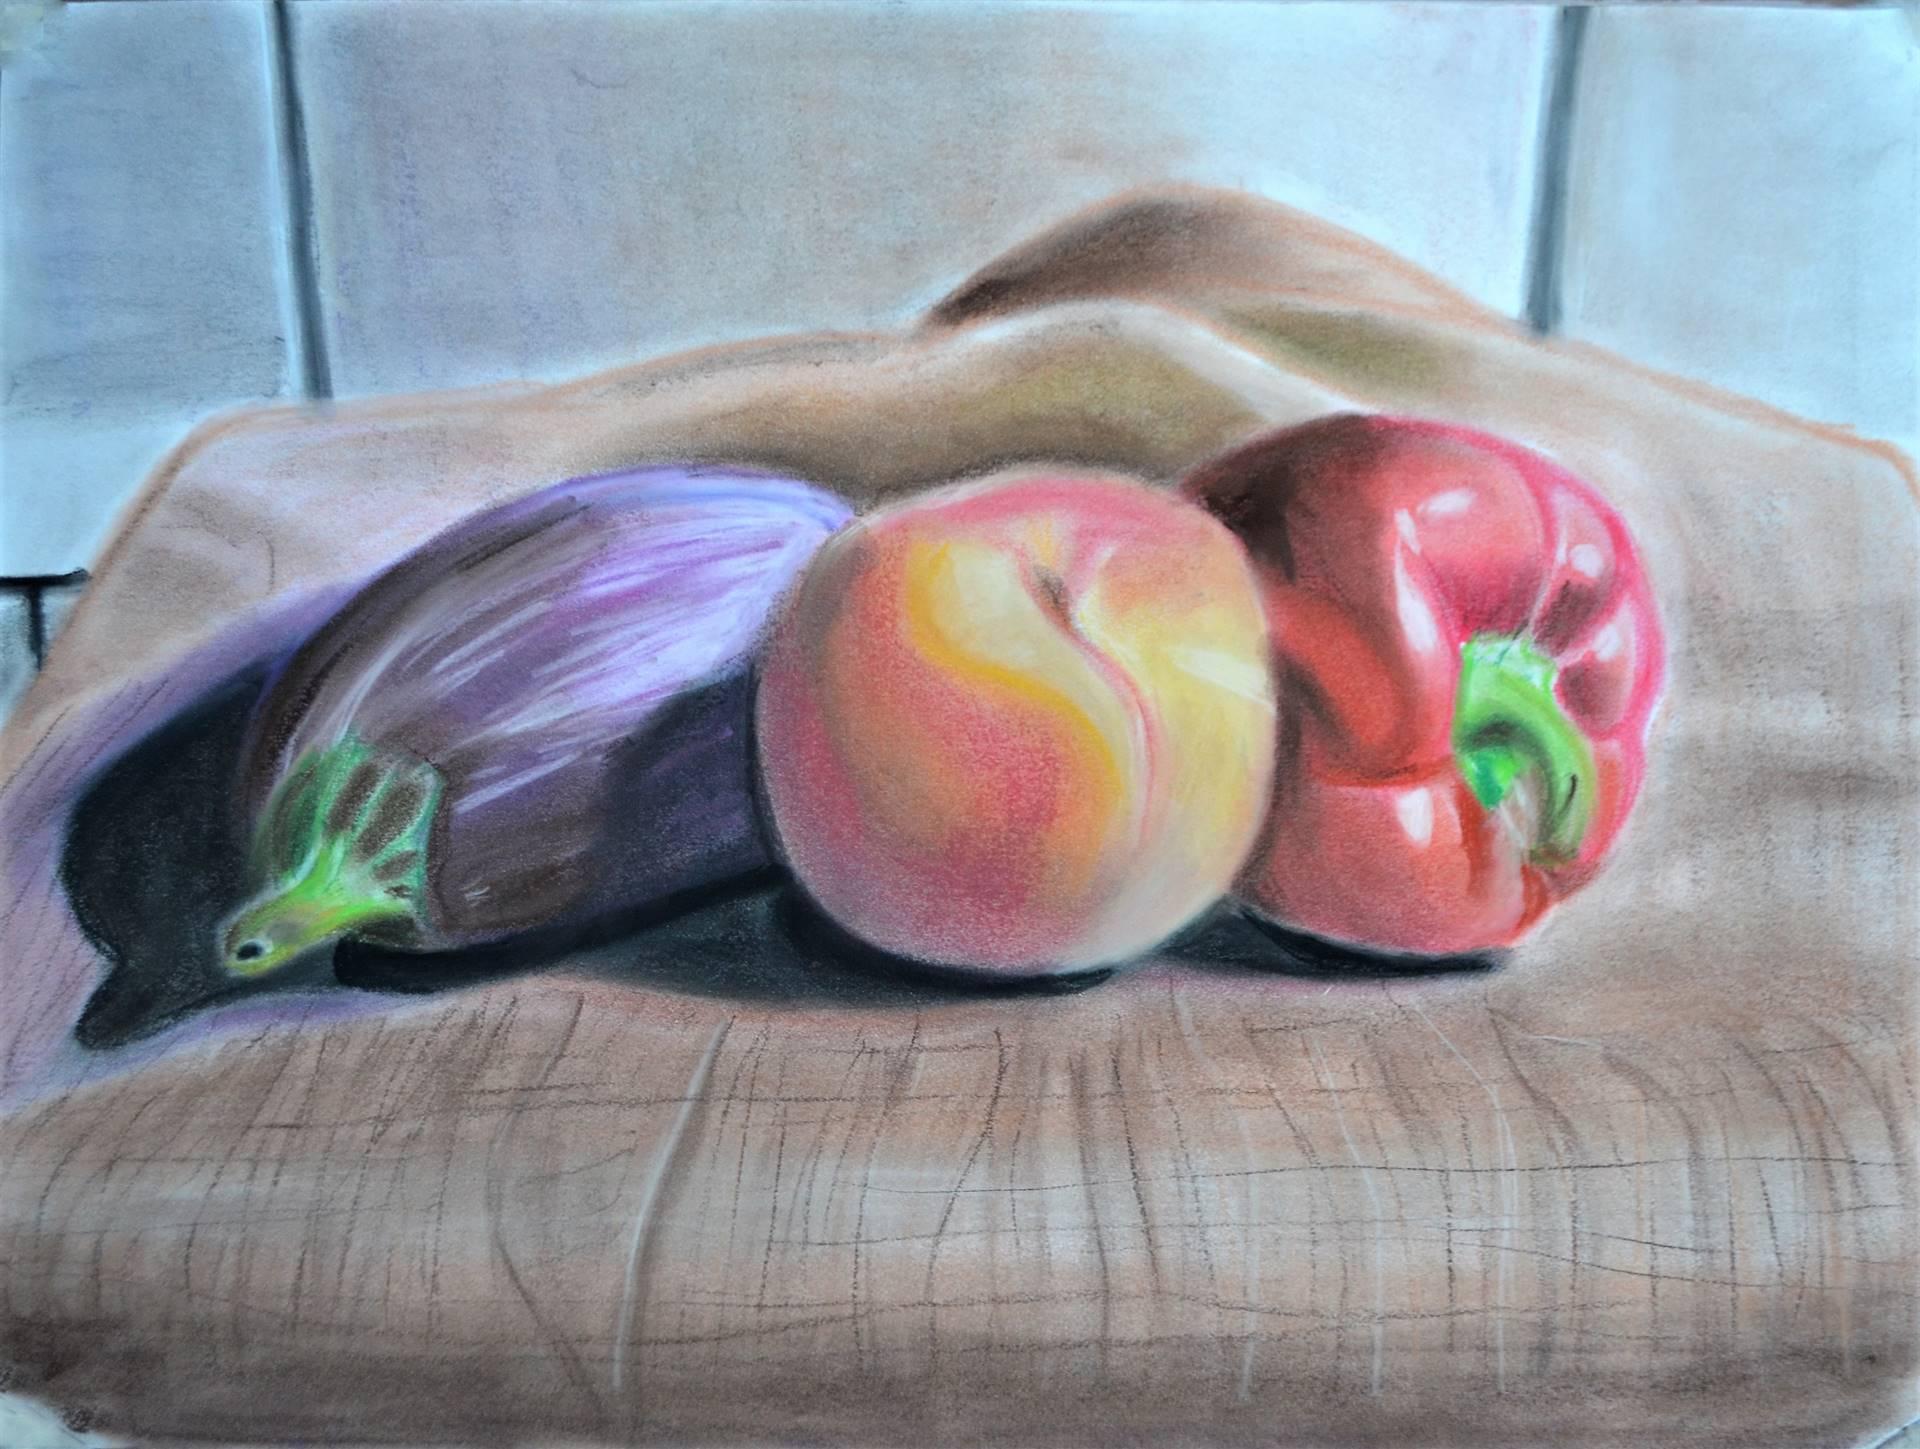 Gavin Bocanegra, Three Vegetables in Color, pastel on bristol, 19 x 24, 2017